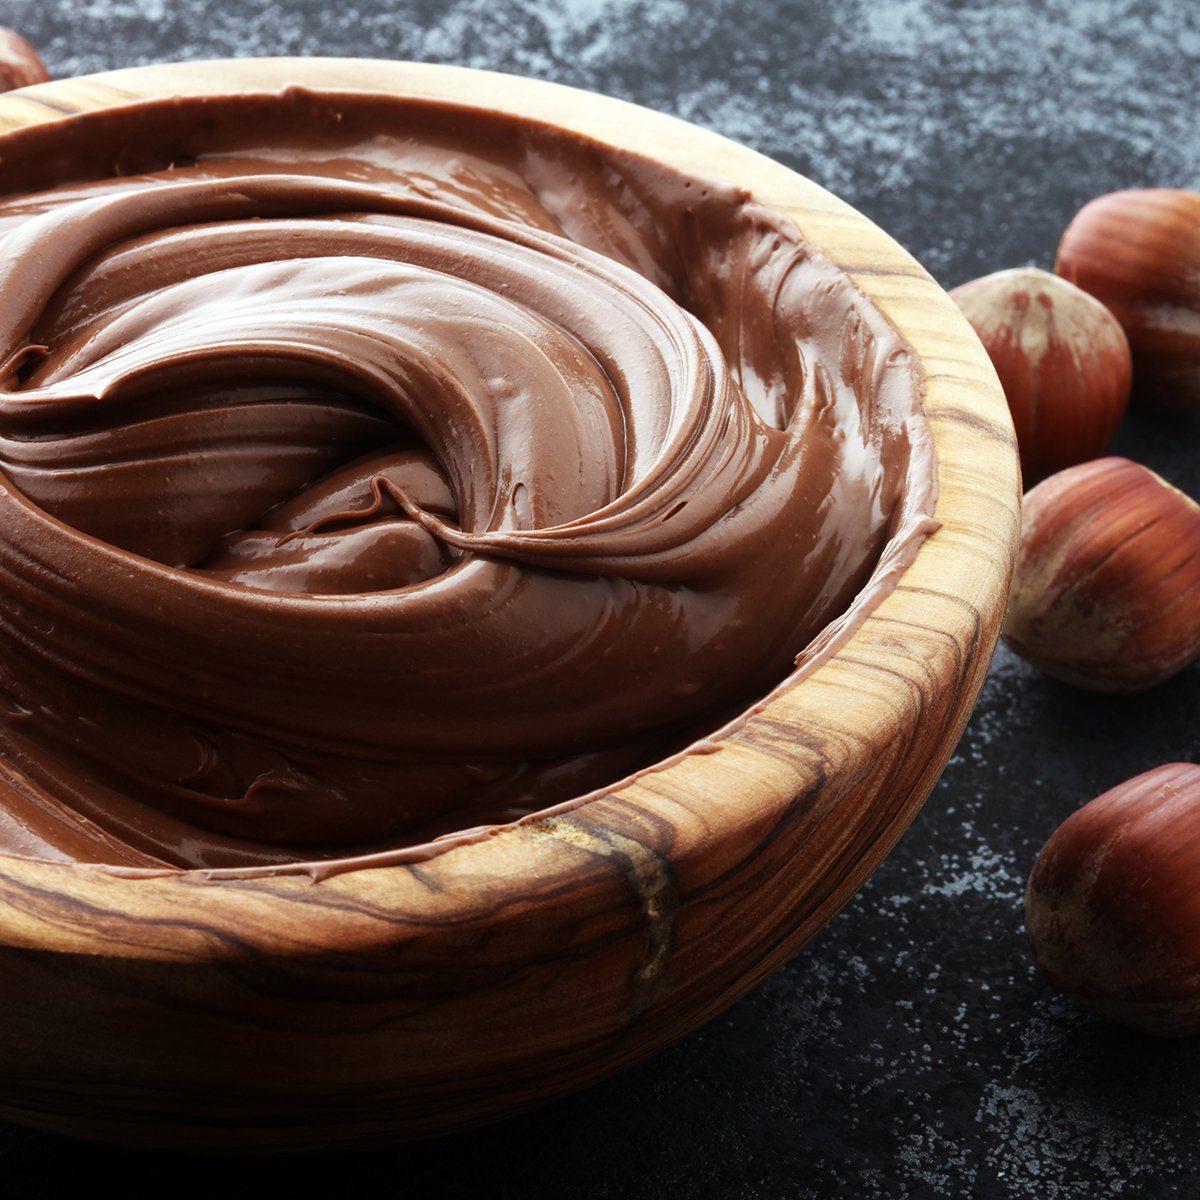 Homemade hazelnut spread in wooden bowl.